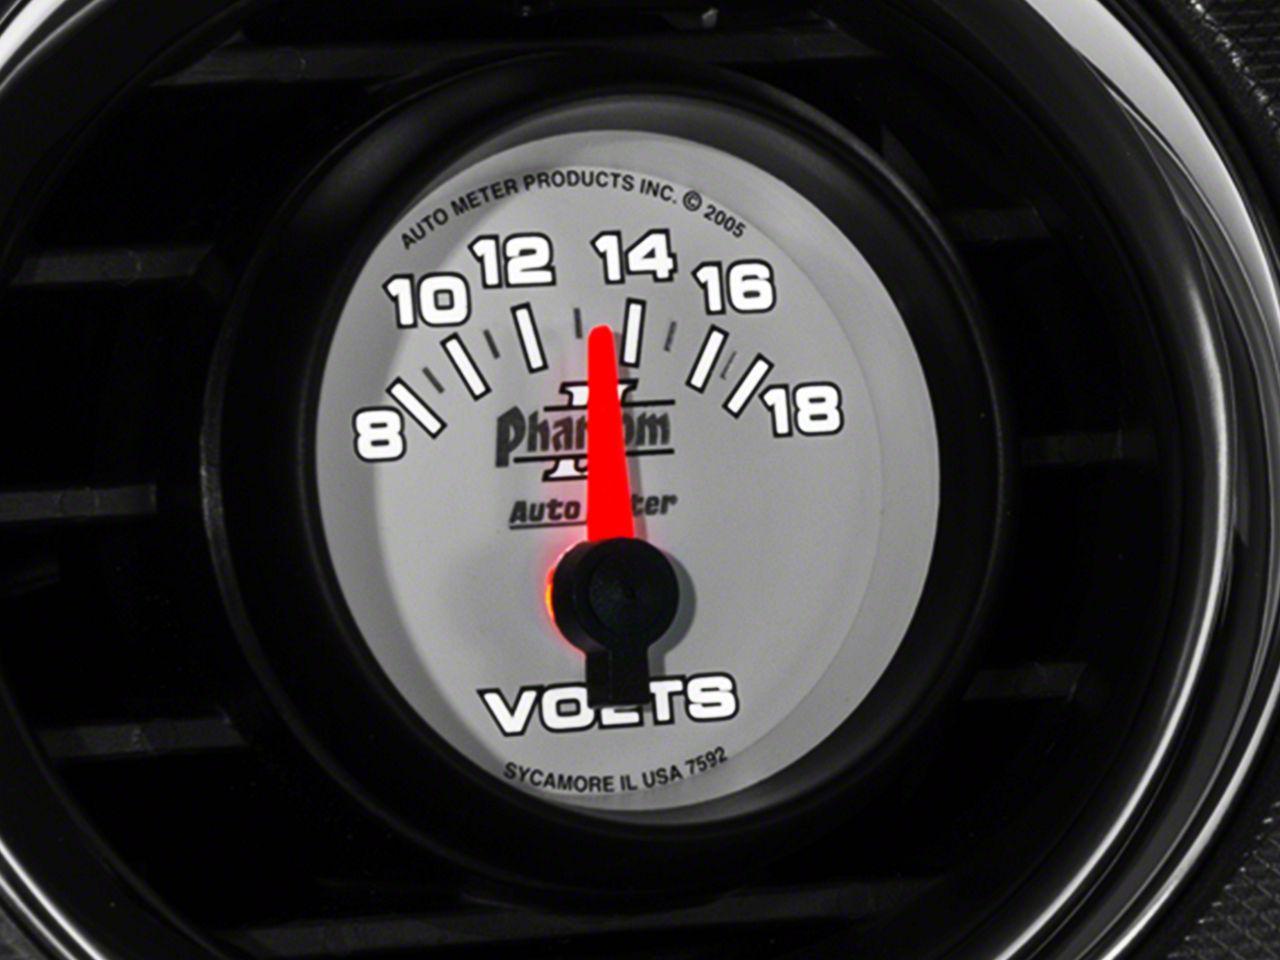 Auto Meter Phantom II Voltmeter Gauge - Electrical (08-18 All)